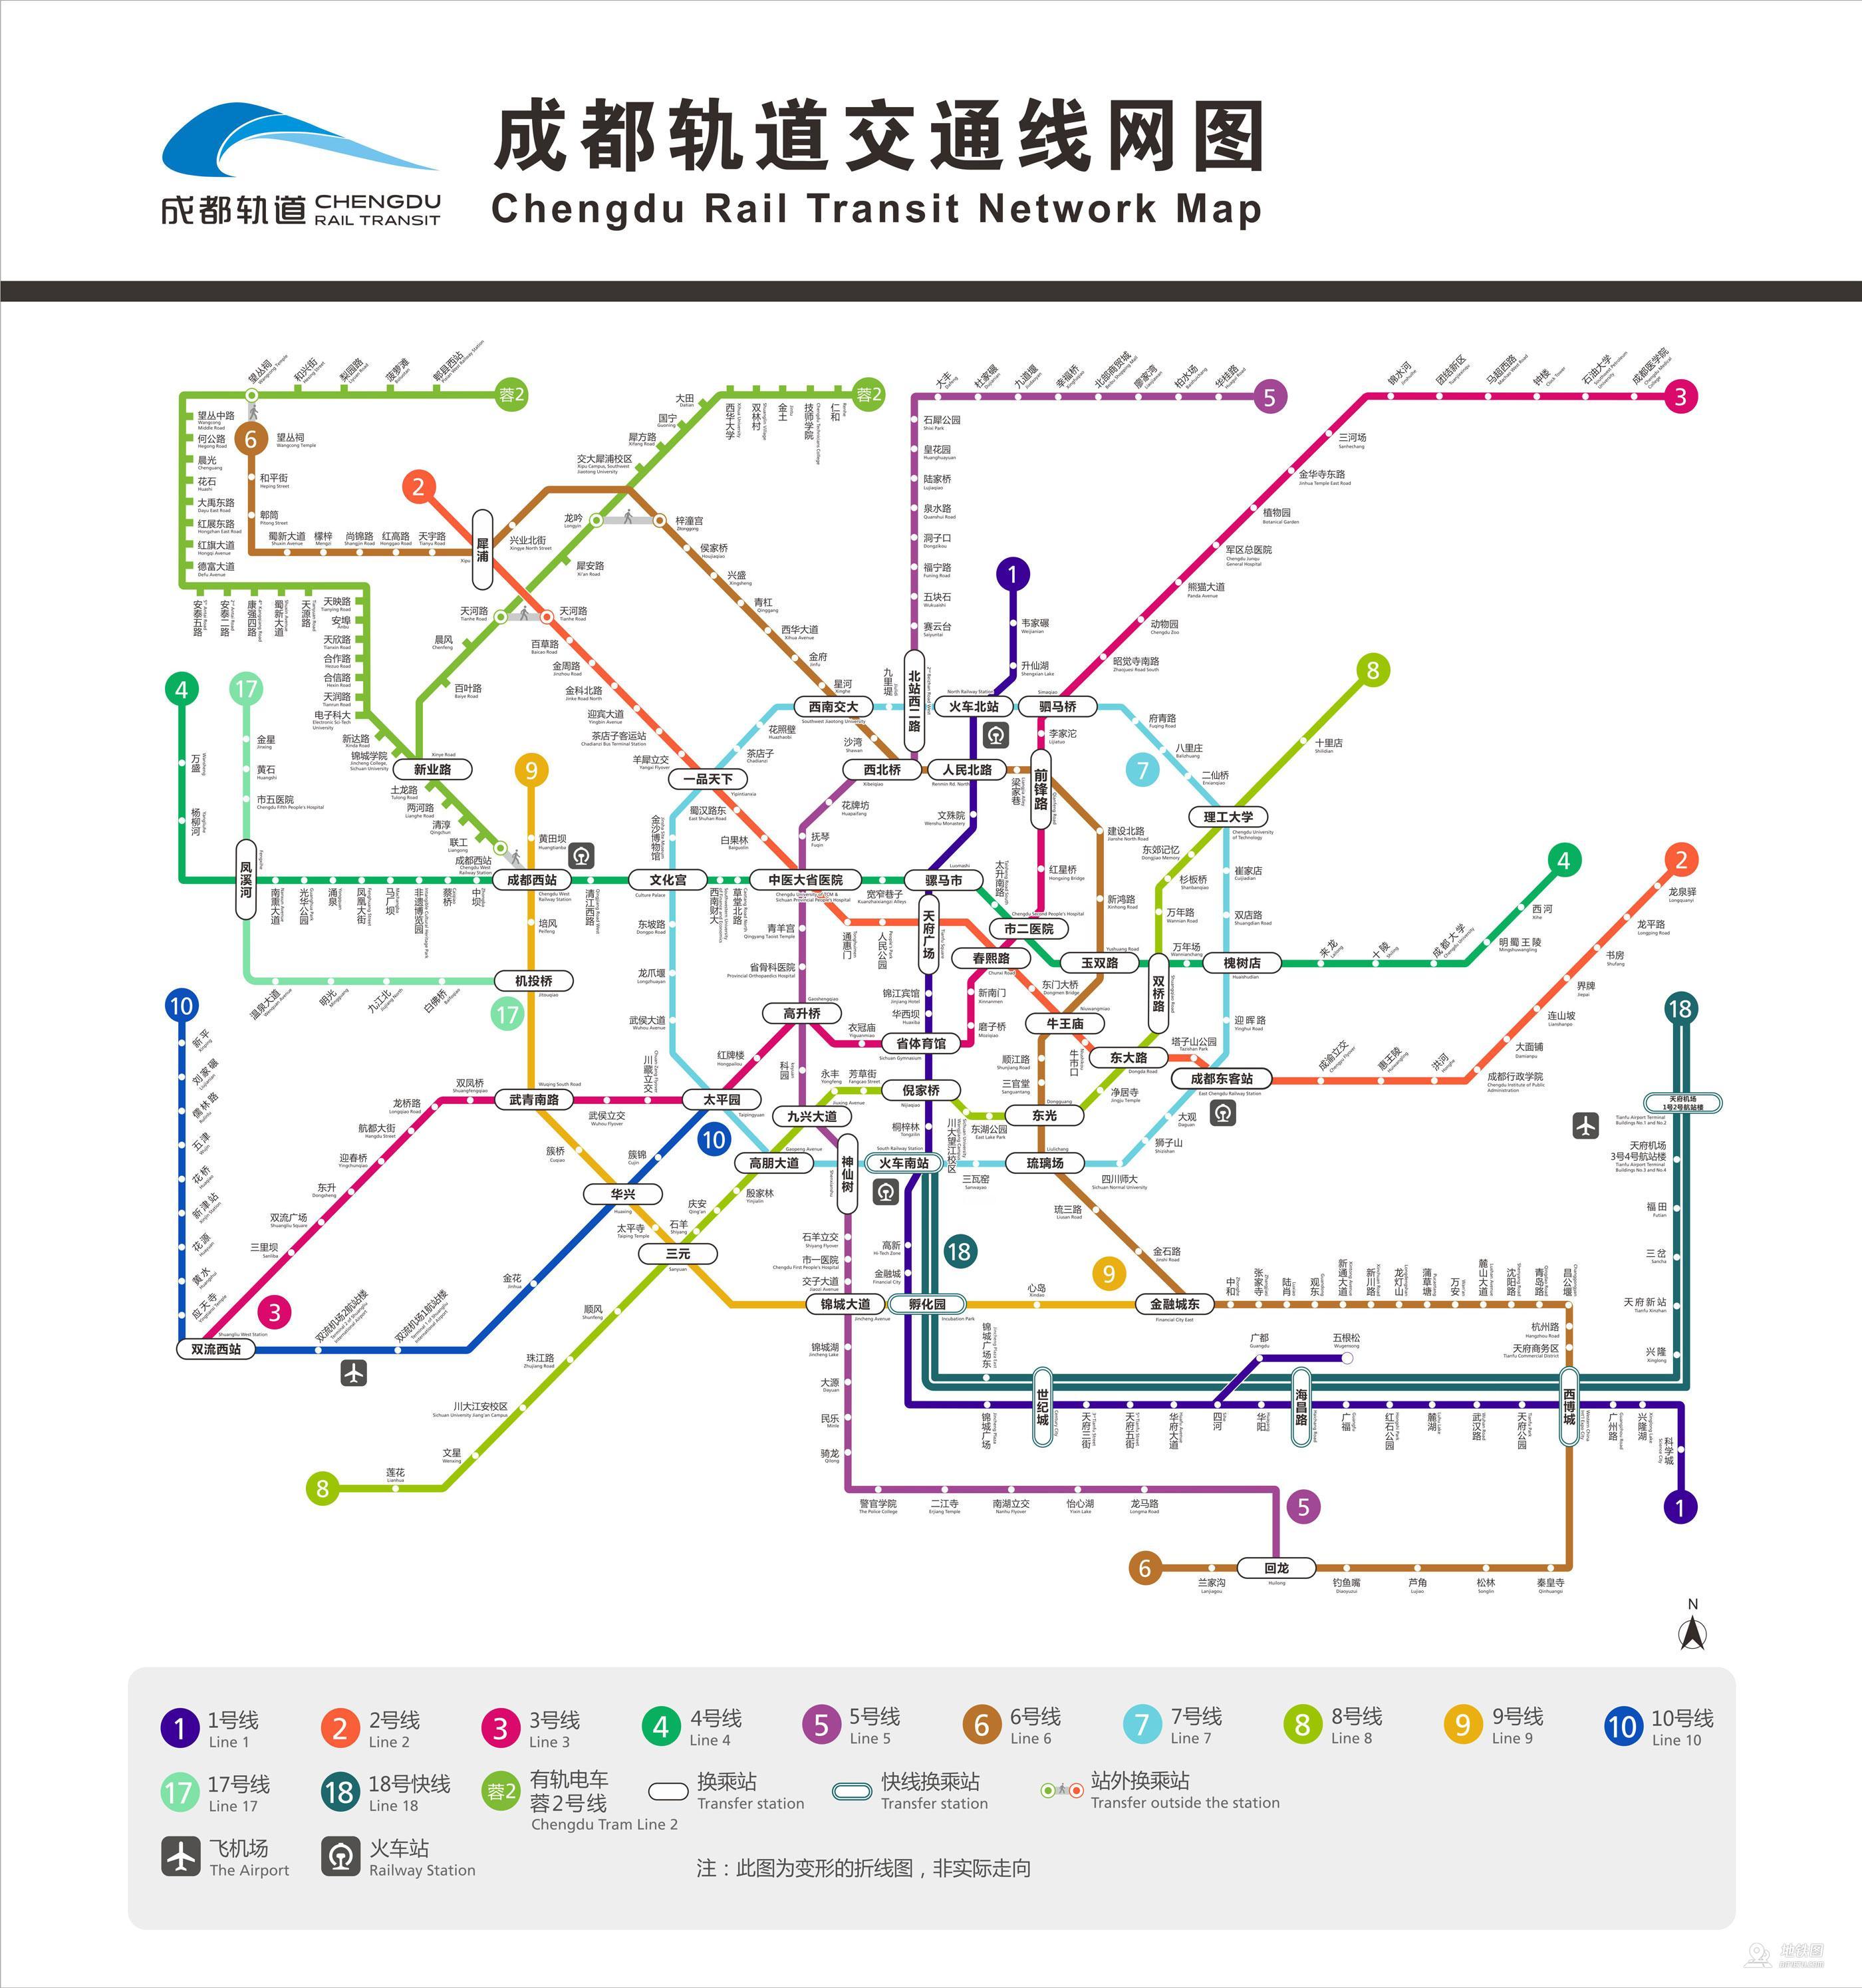 成都地铁线路图 运营时间票价站点 查询下载 成都地铁线路图 成都地铁票价 成都地铁运营时间 成都地铁 成都地铁线路图  第2张